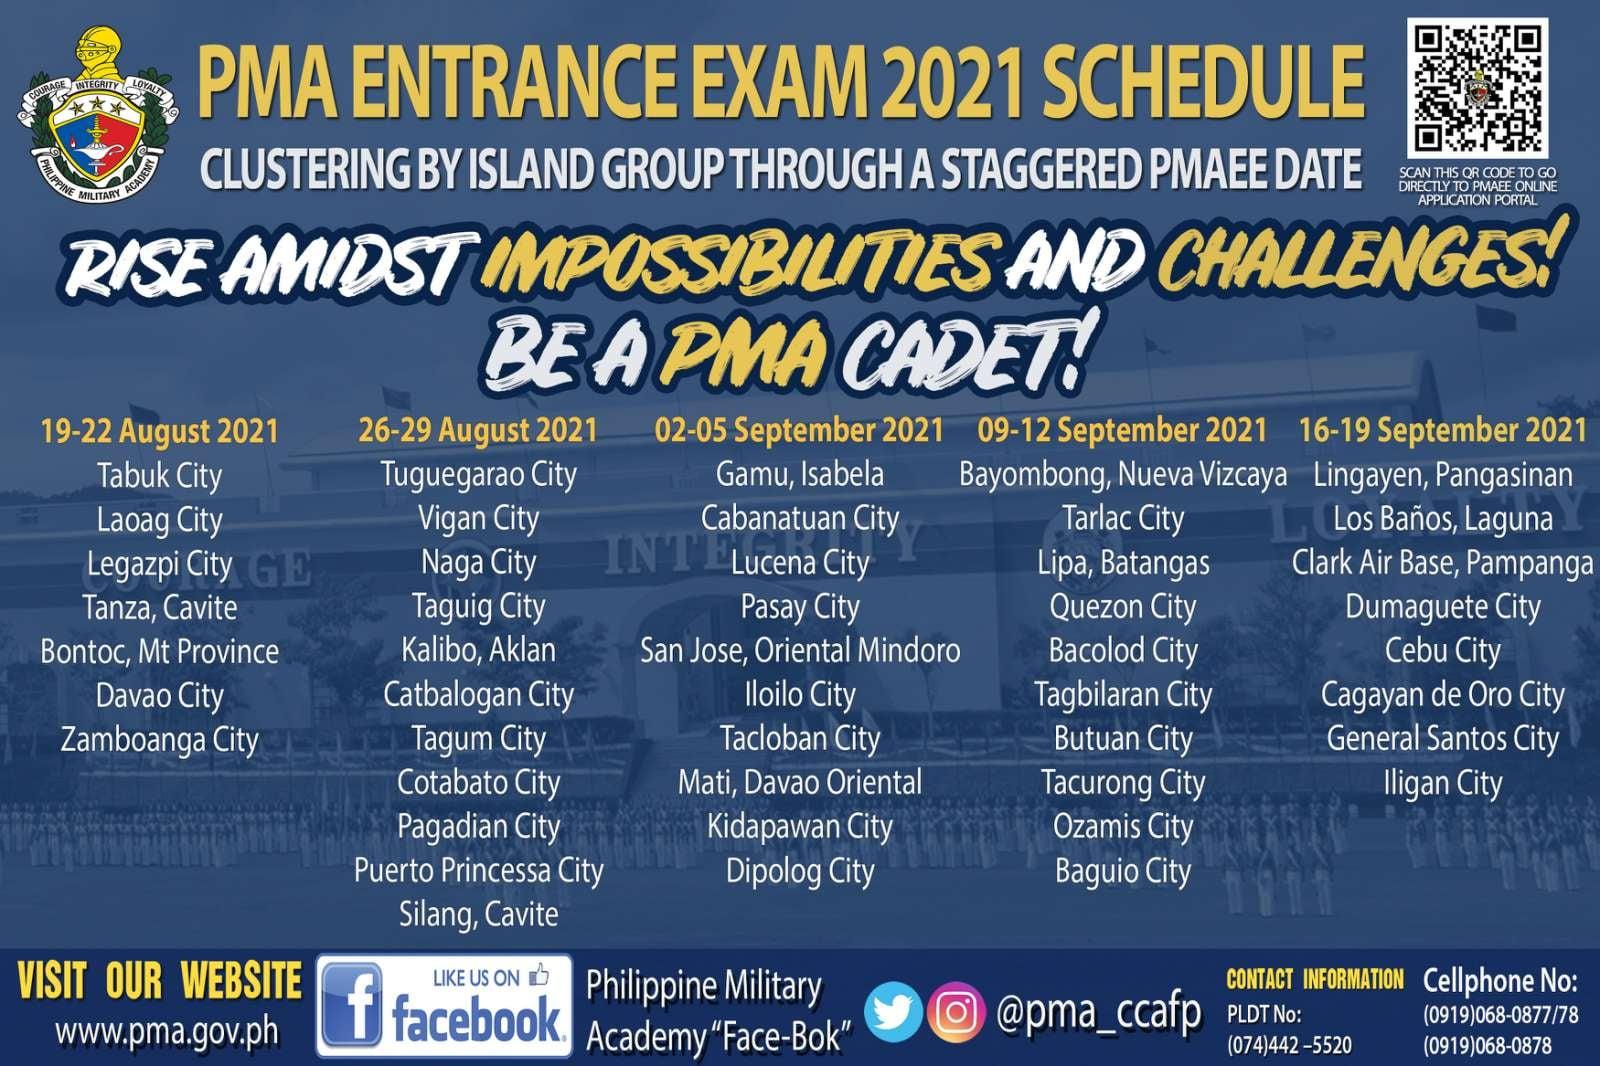 PMAEE 2021 schedule